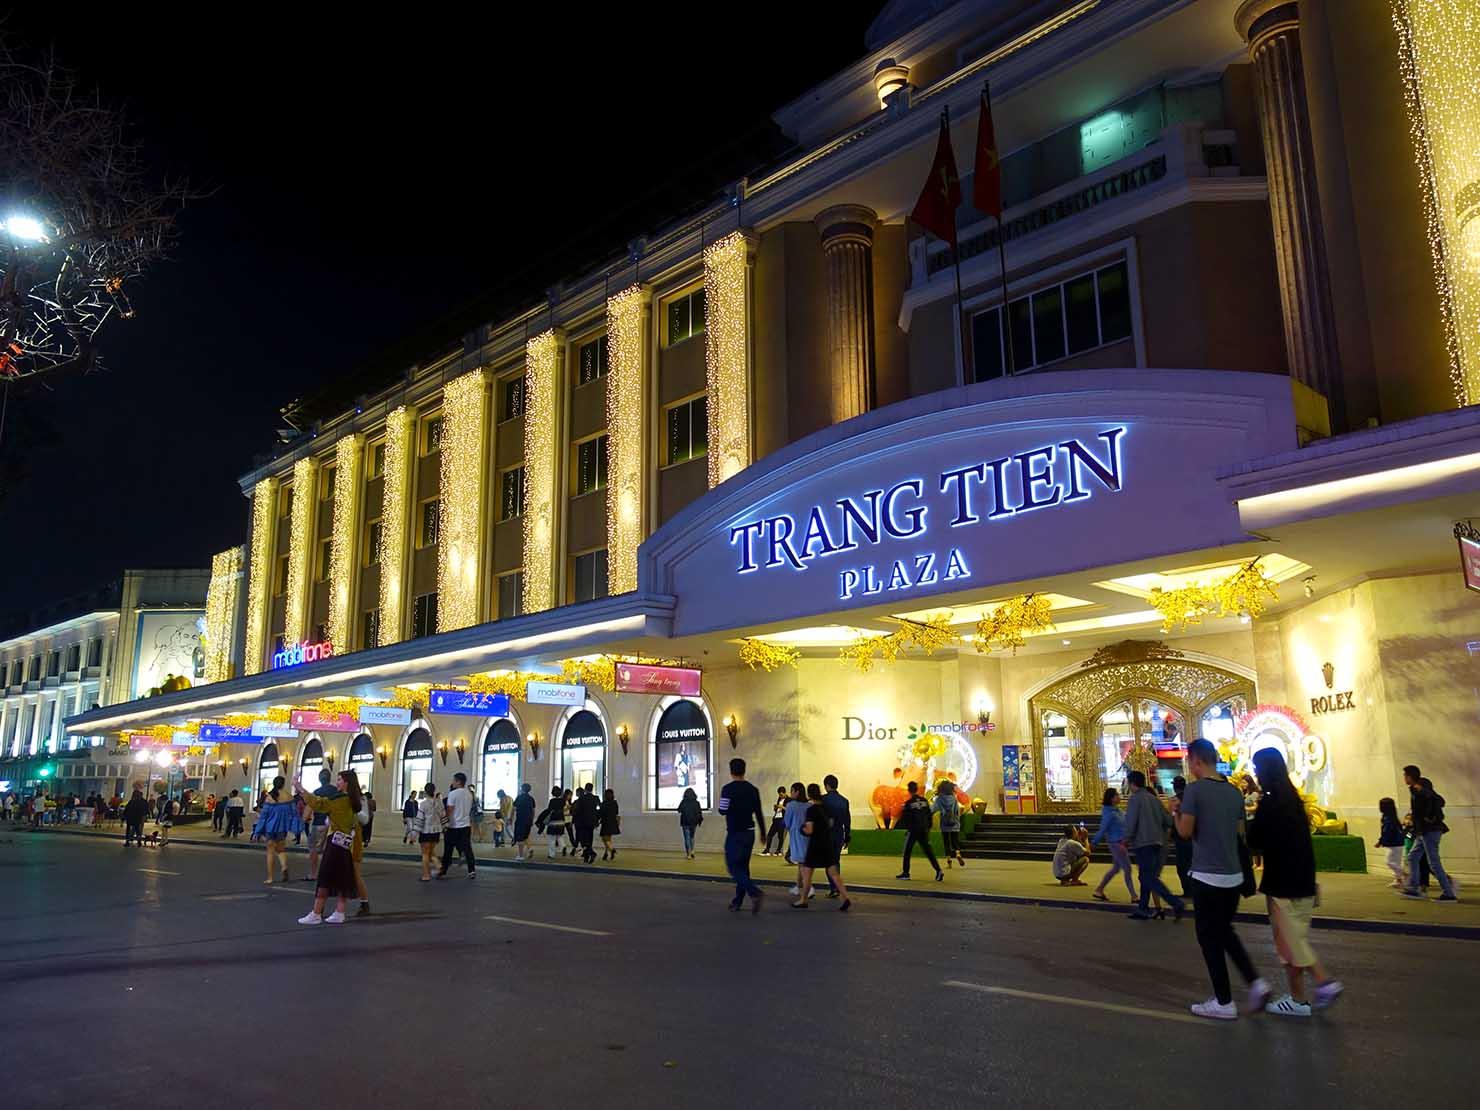 ベトナム・ハノイ旧市街の観光スポット「ホアンキエム湖」エリアにある百貨店